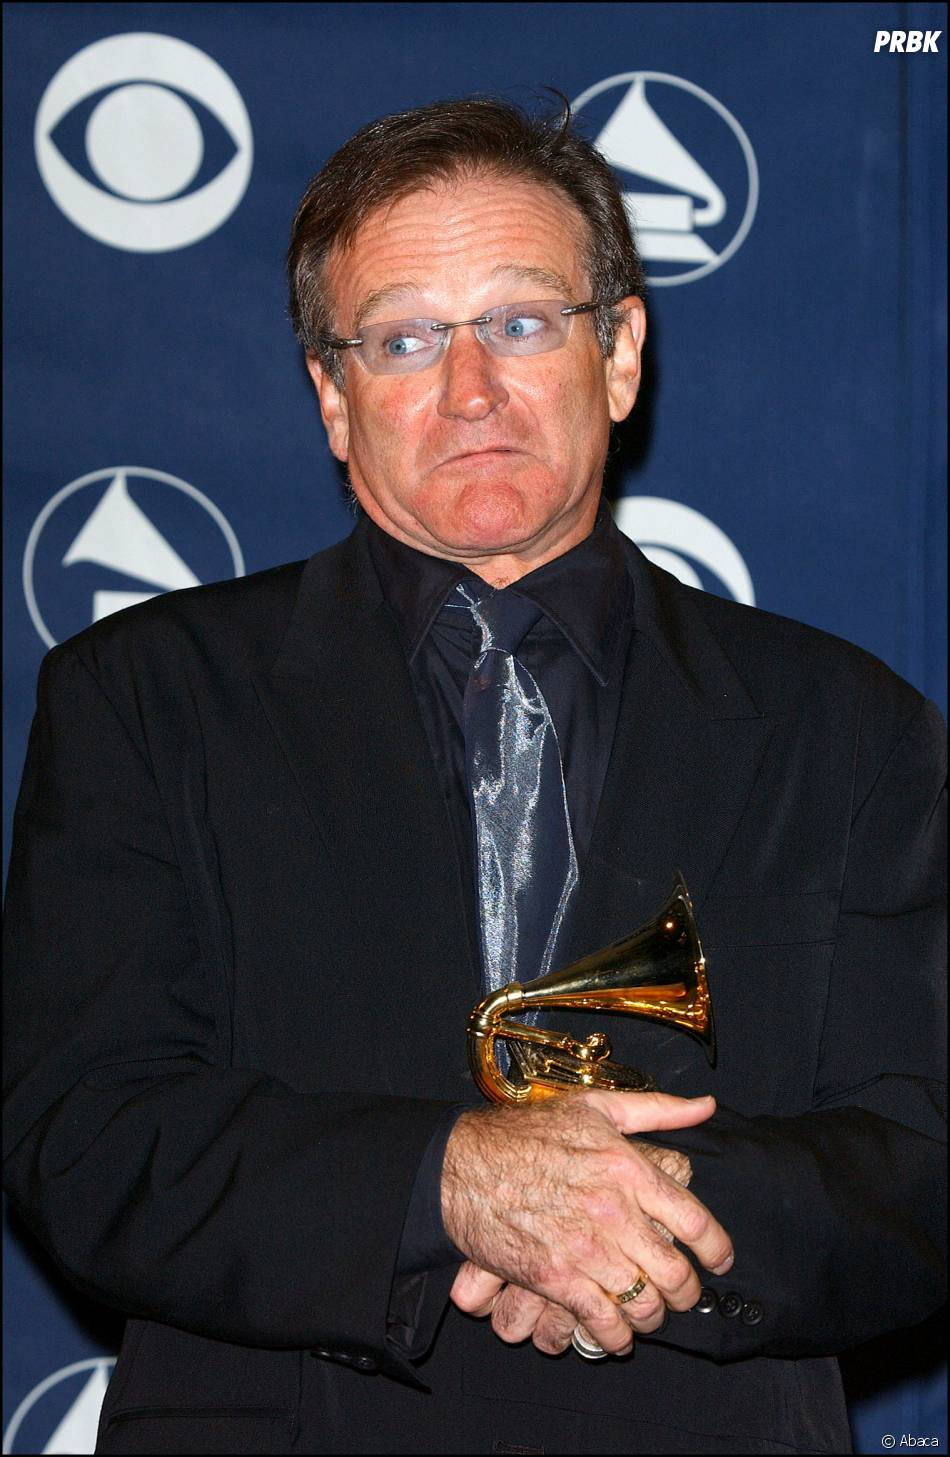 Robin Williams aucune trace d'alcool ou de drogue relevée lors de sa mort